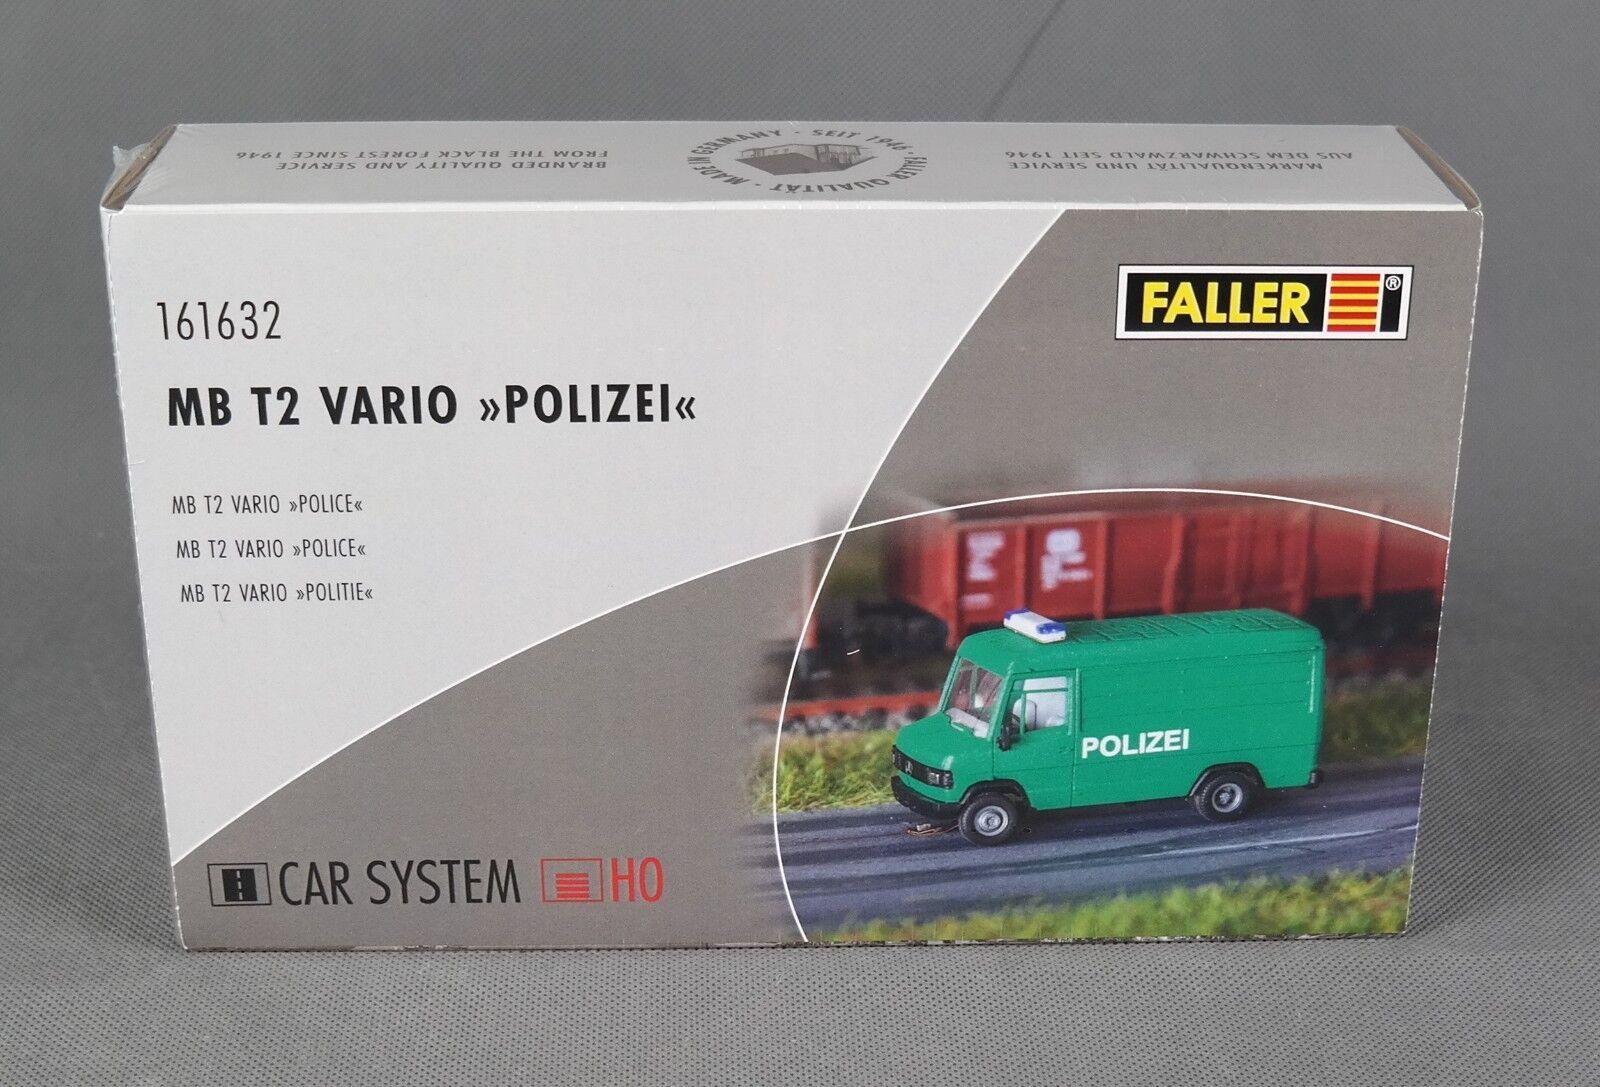 Faller 161632 [h0, carsystem] MB t2 vario policía (Herpa) - productos nuevos